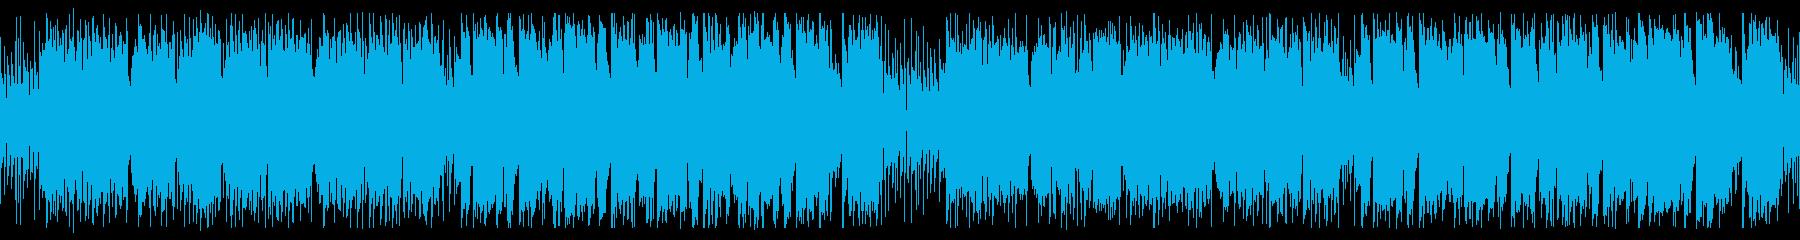 旅、山のイメージ_スローバージョンの再生済みの波形